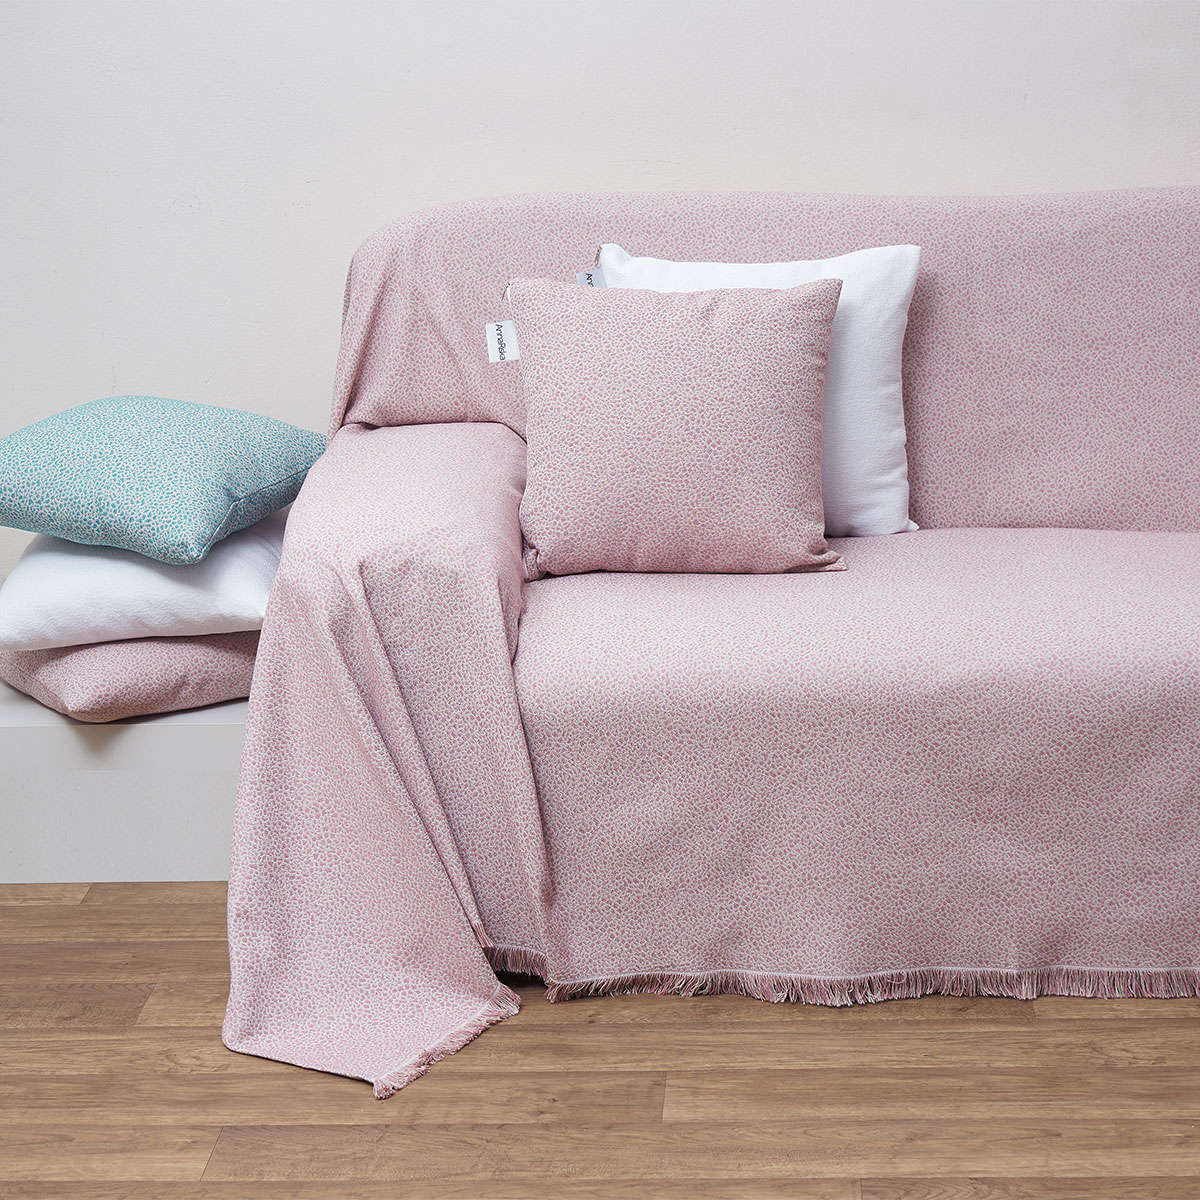 Μαξιλάρι Διακοσμητικό (Με Γέμιση) Des. 1554 Blush Pink Anna Riska 30Χ50 100% Polyester